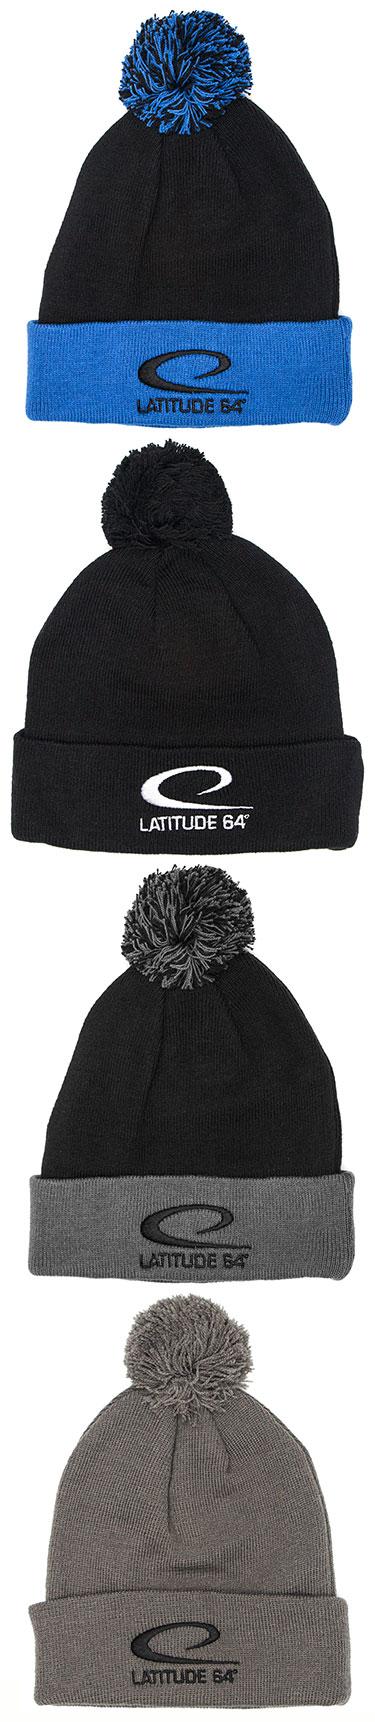 Latitude 64 Beanie Pom